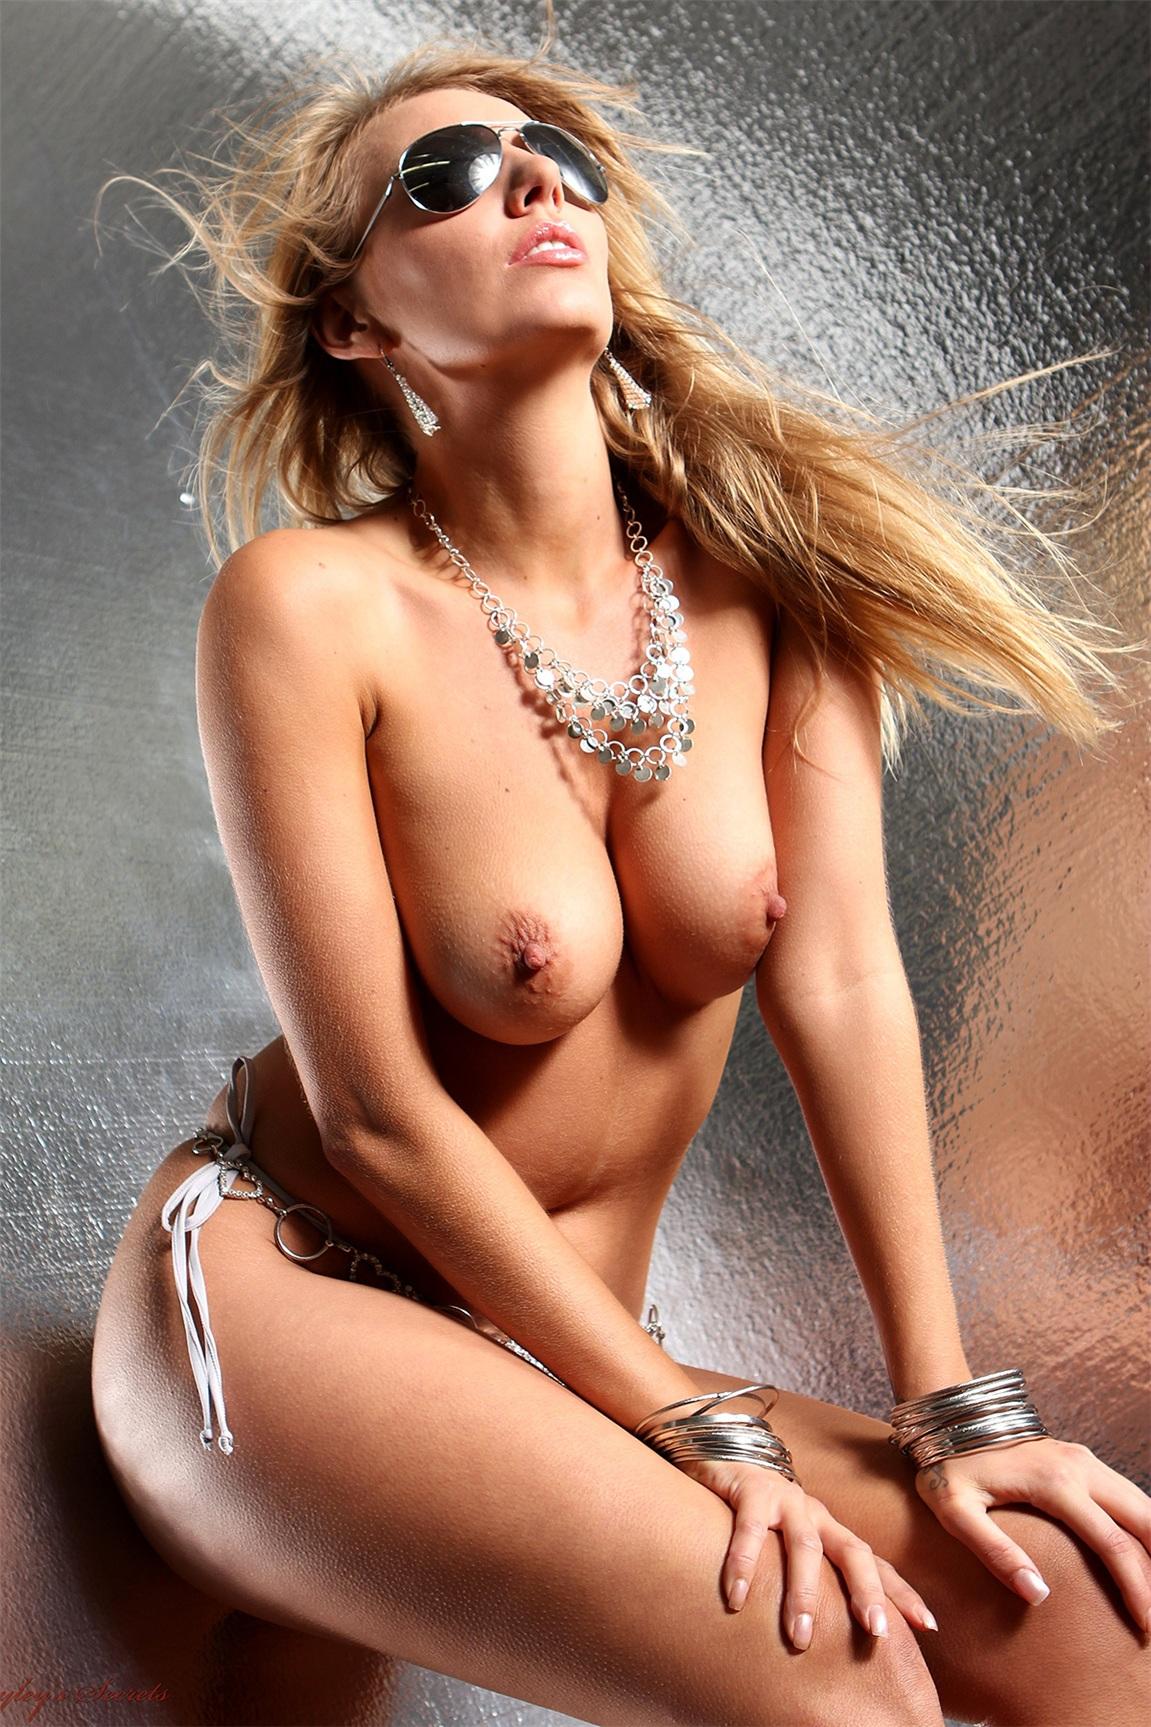 голая Хейли-Мари Коппин / Hayley Marie Coppin nude - silver bikini